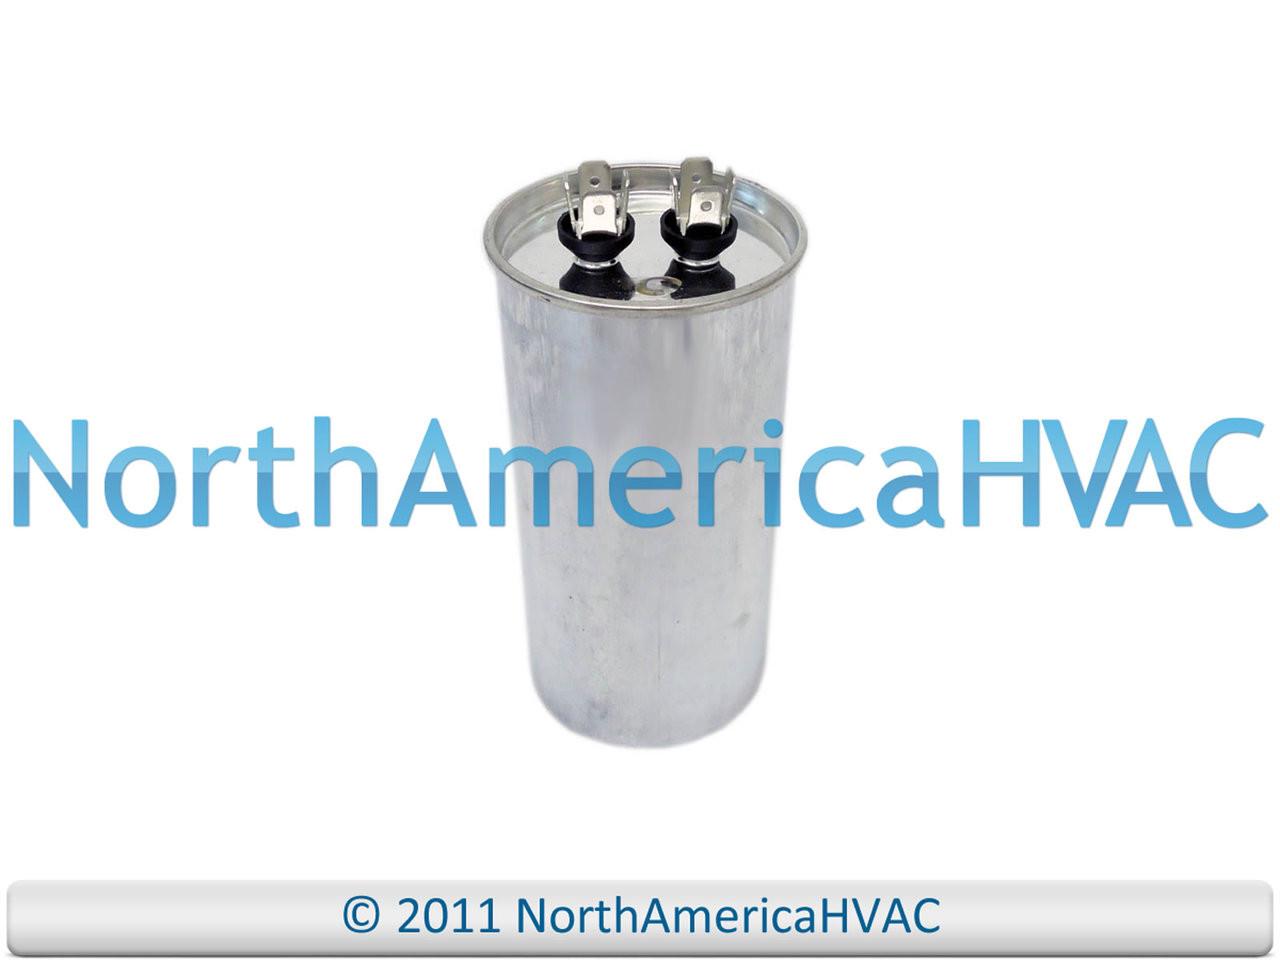 4 uf MFD 440 Volt VAC 12891 Motor Dual Run Capacitor Round 45